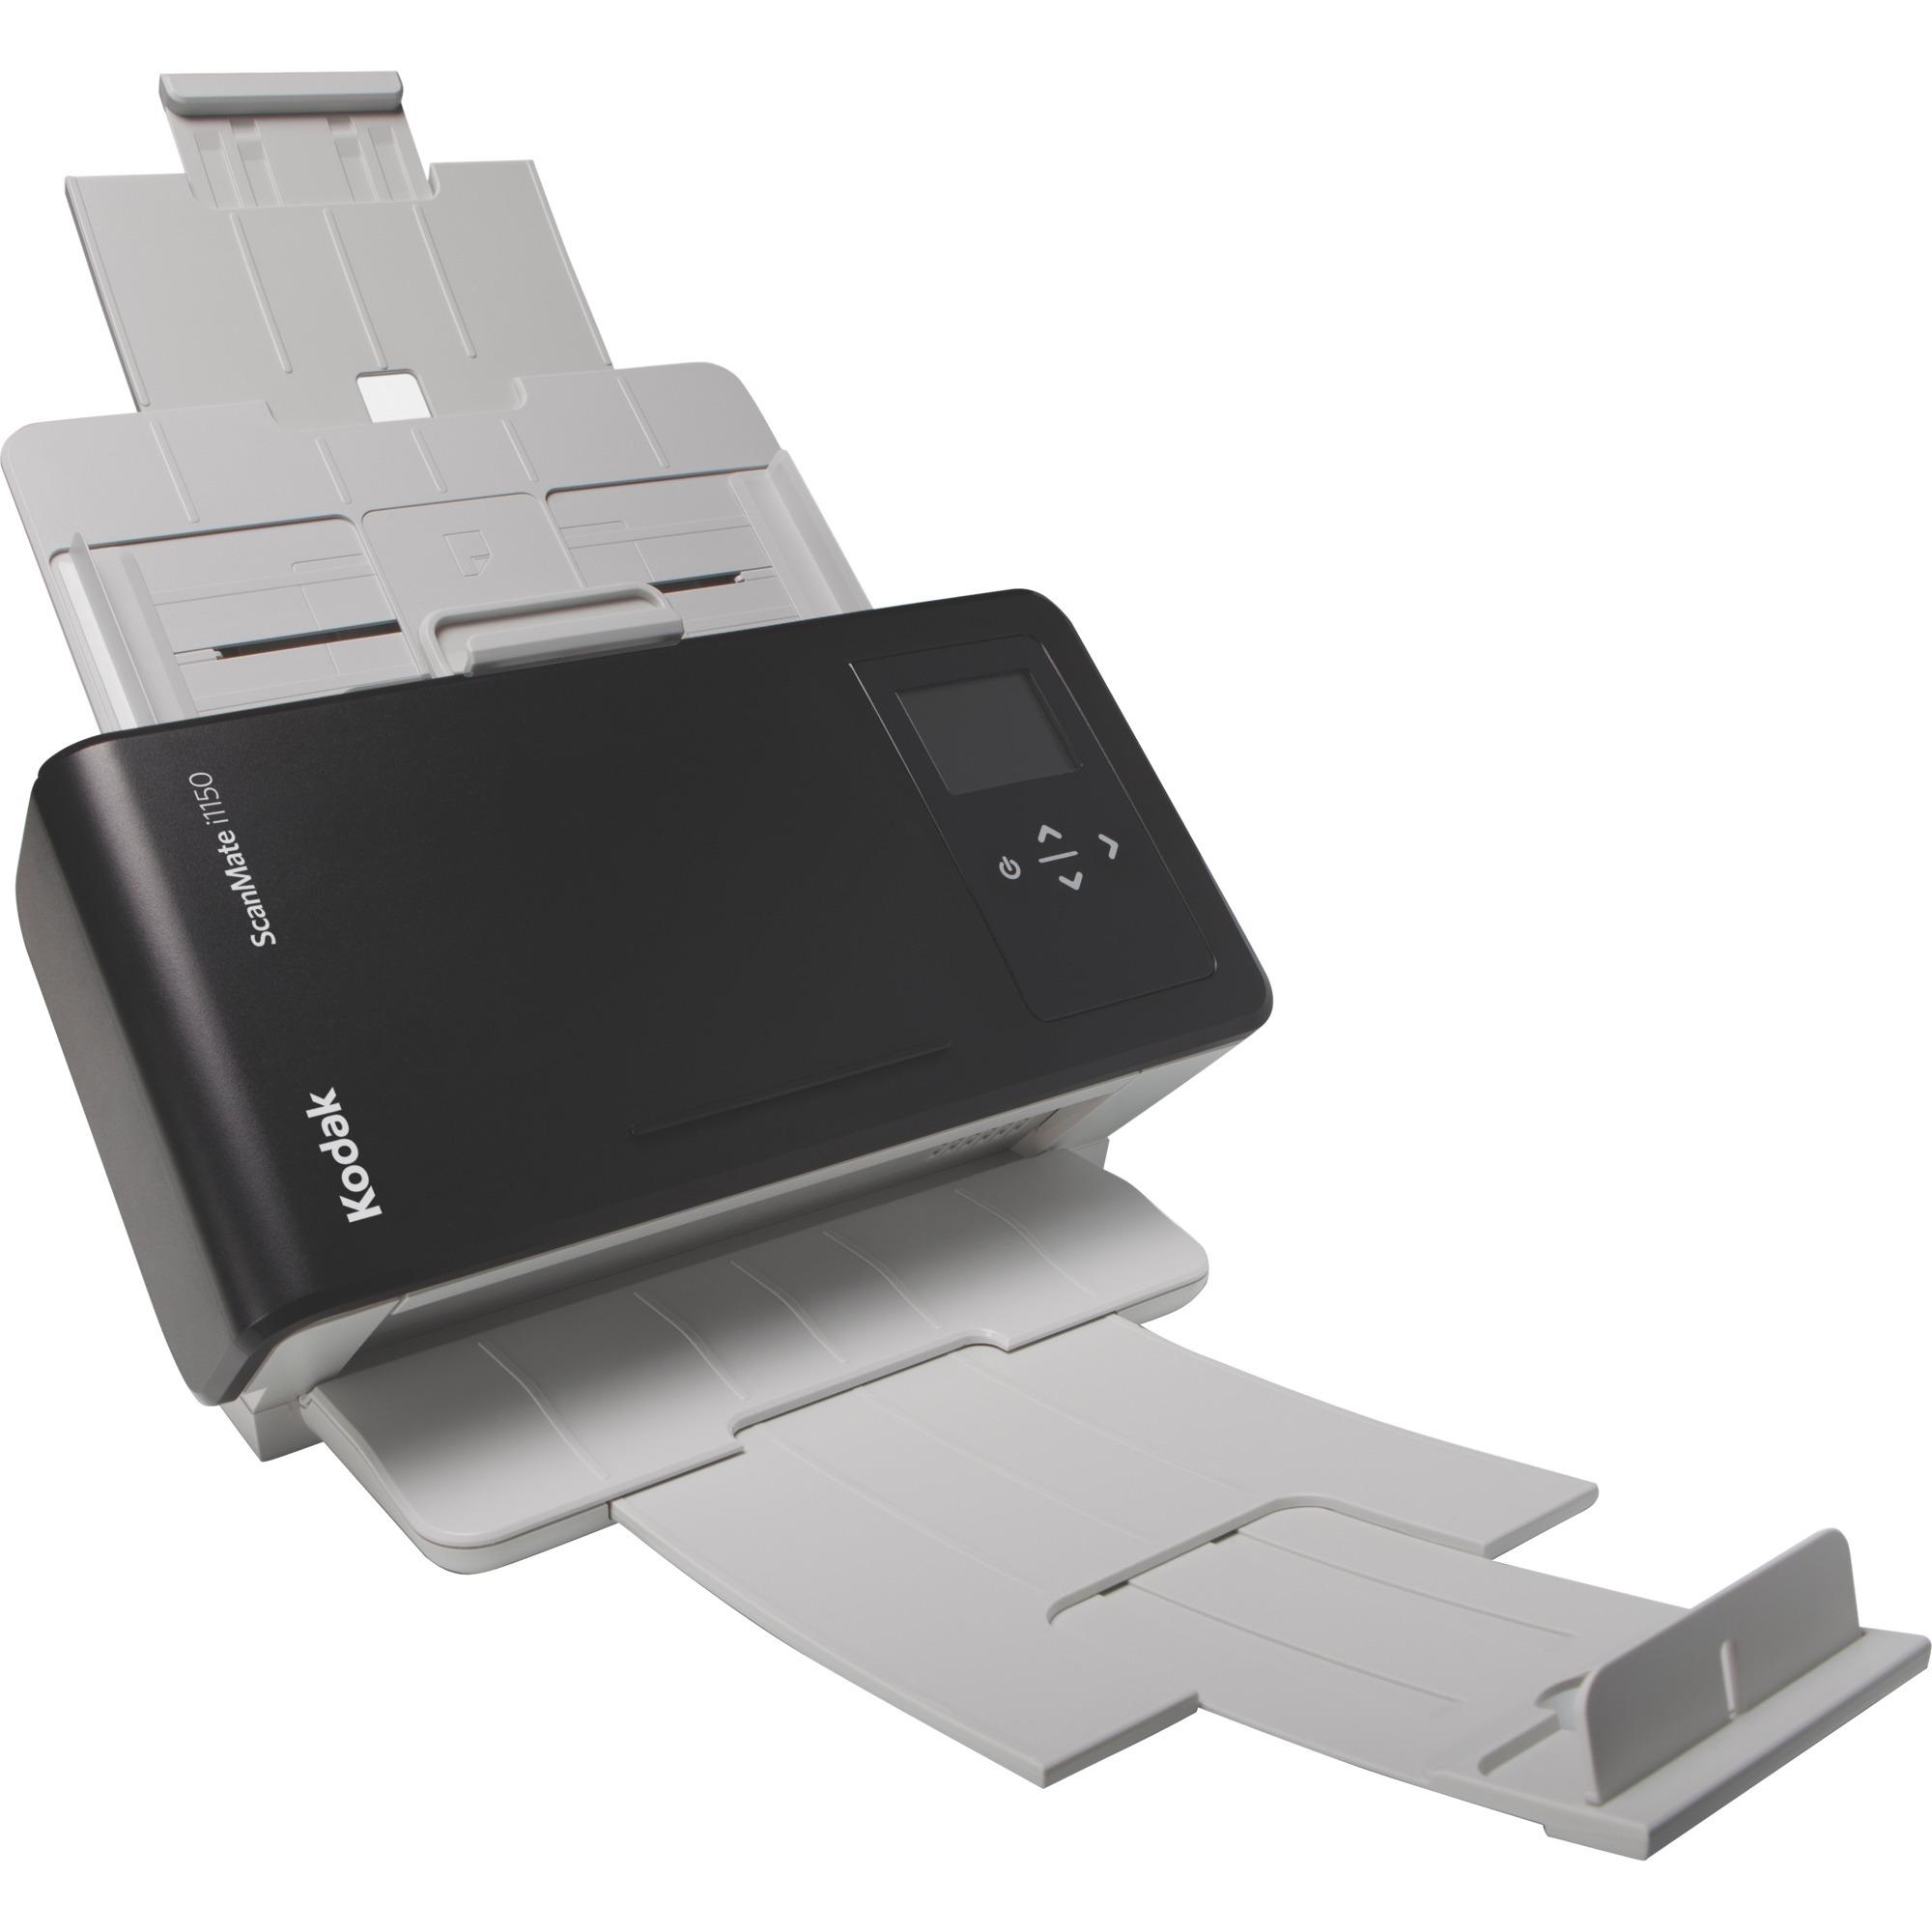 ScanMate i1150 Scanner 600 x 600 DPI Escáner con alimentador automático de documentos (ADF) Negro A4